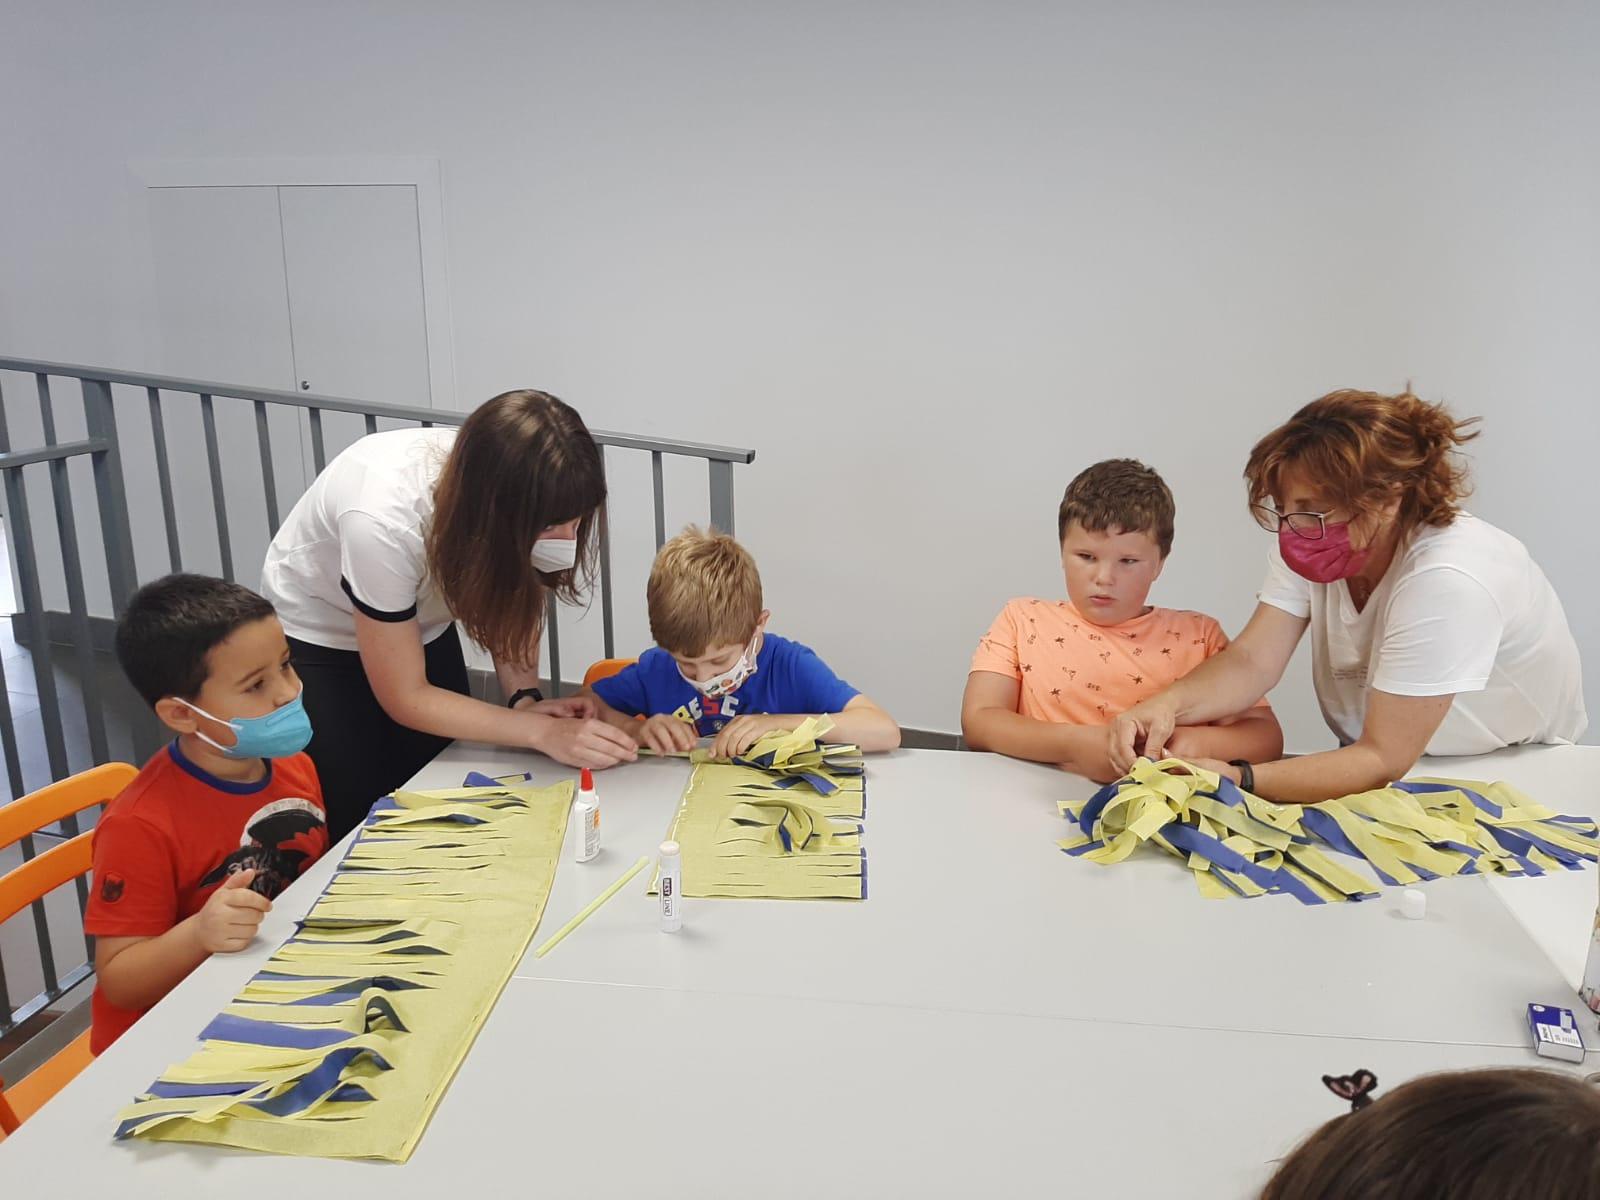 Educación ofrece las actividades del programa Educavila DiverAprén a niños y niñas con diversidad funcional de XiCaEs